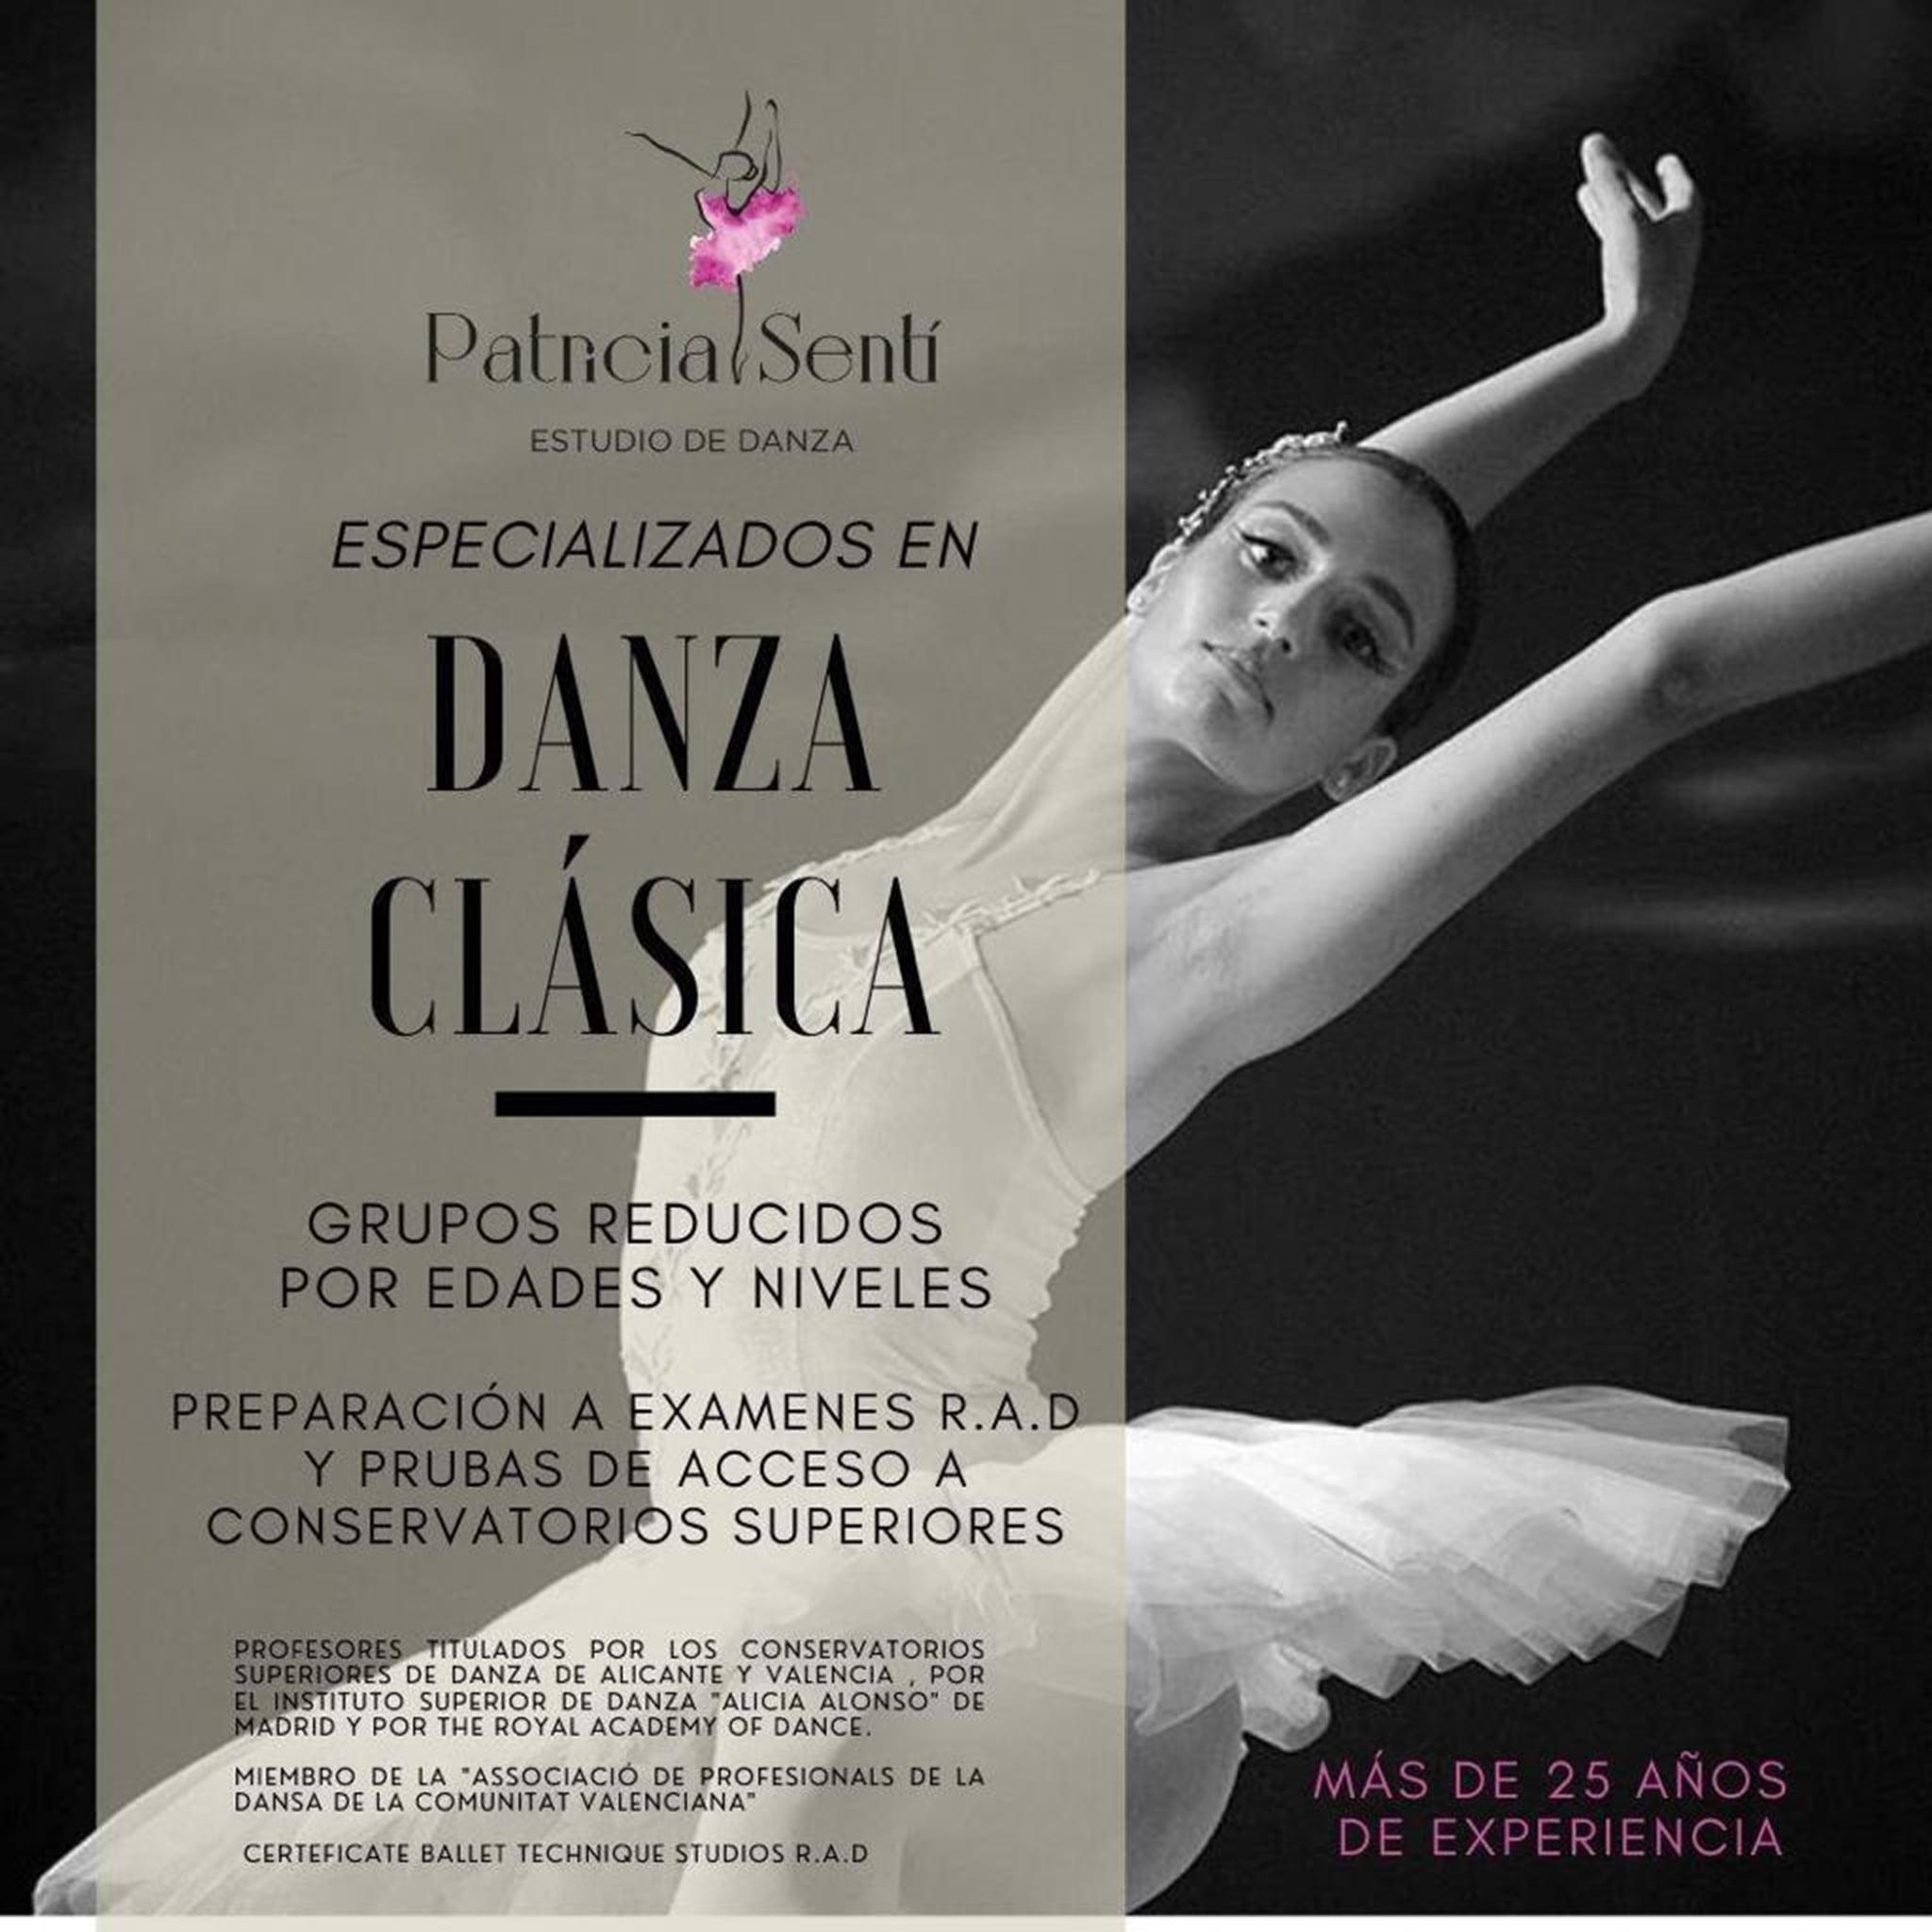 Cours de danse classique à Dénia - Patricia Sentí Dance Studio